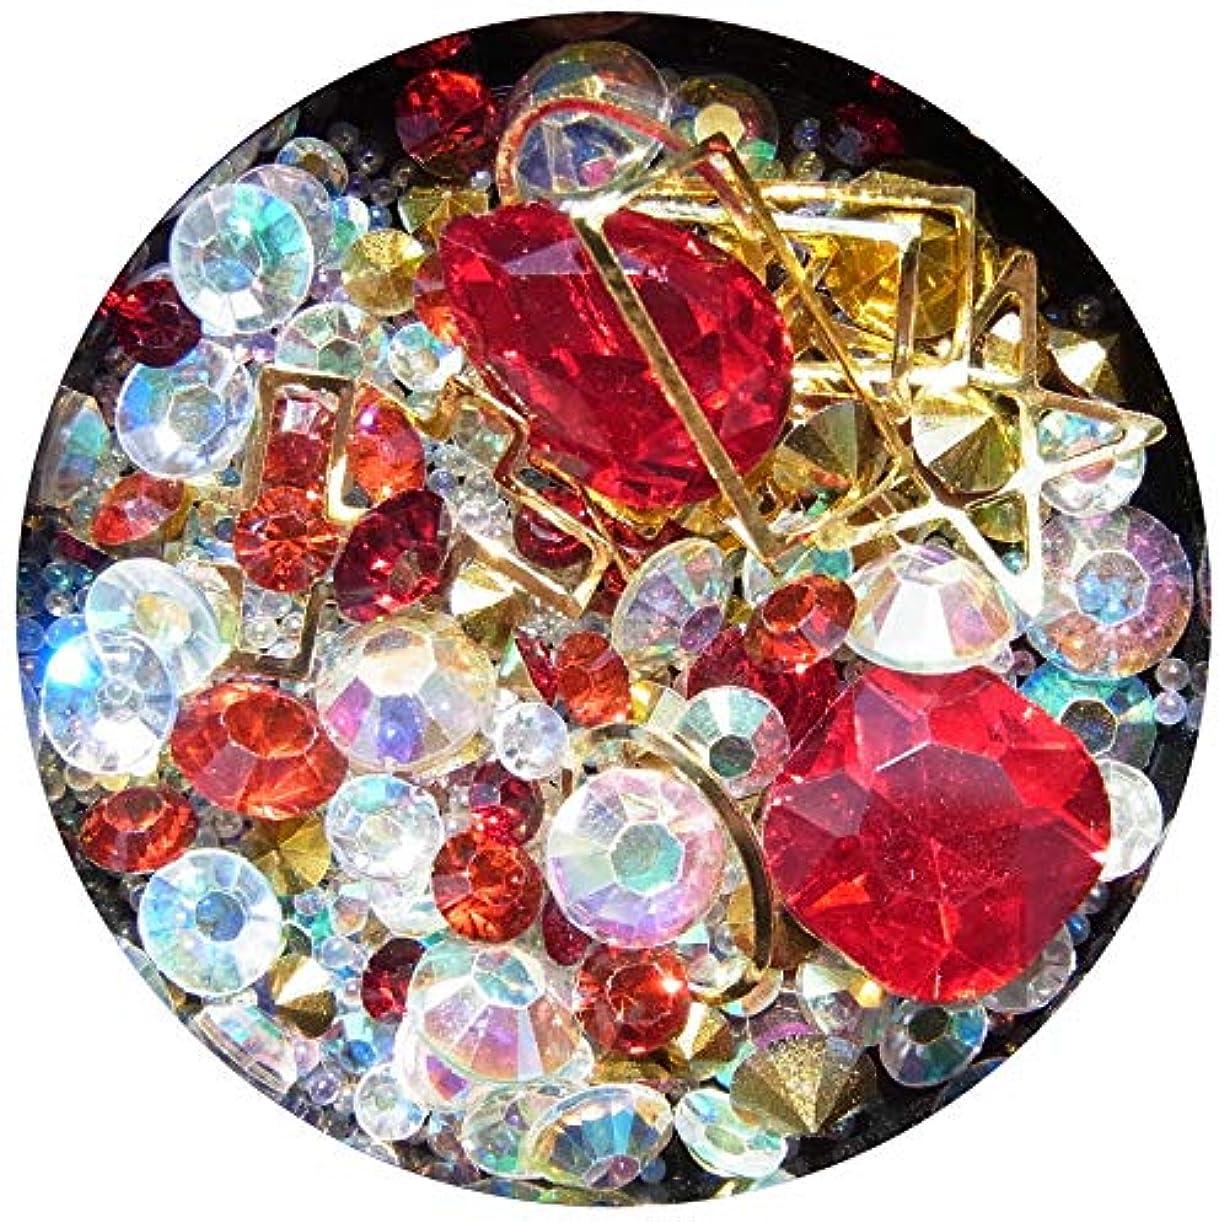 略す郵便局売る【jewel】メタルパーツ ミックス ラインストーン カーブ付きフレーム ゴールド ネイルアートパーツ レジン (5)